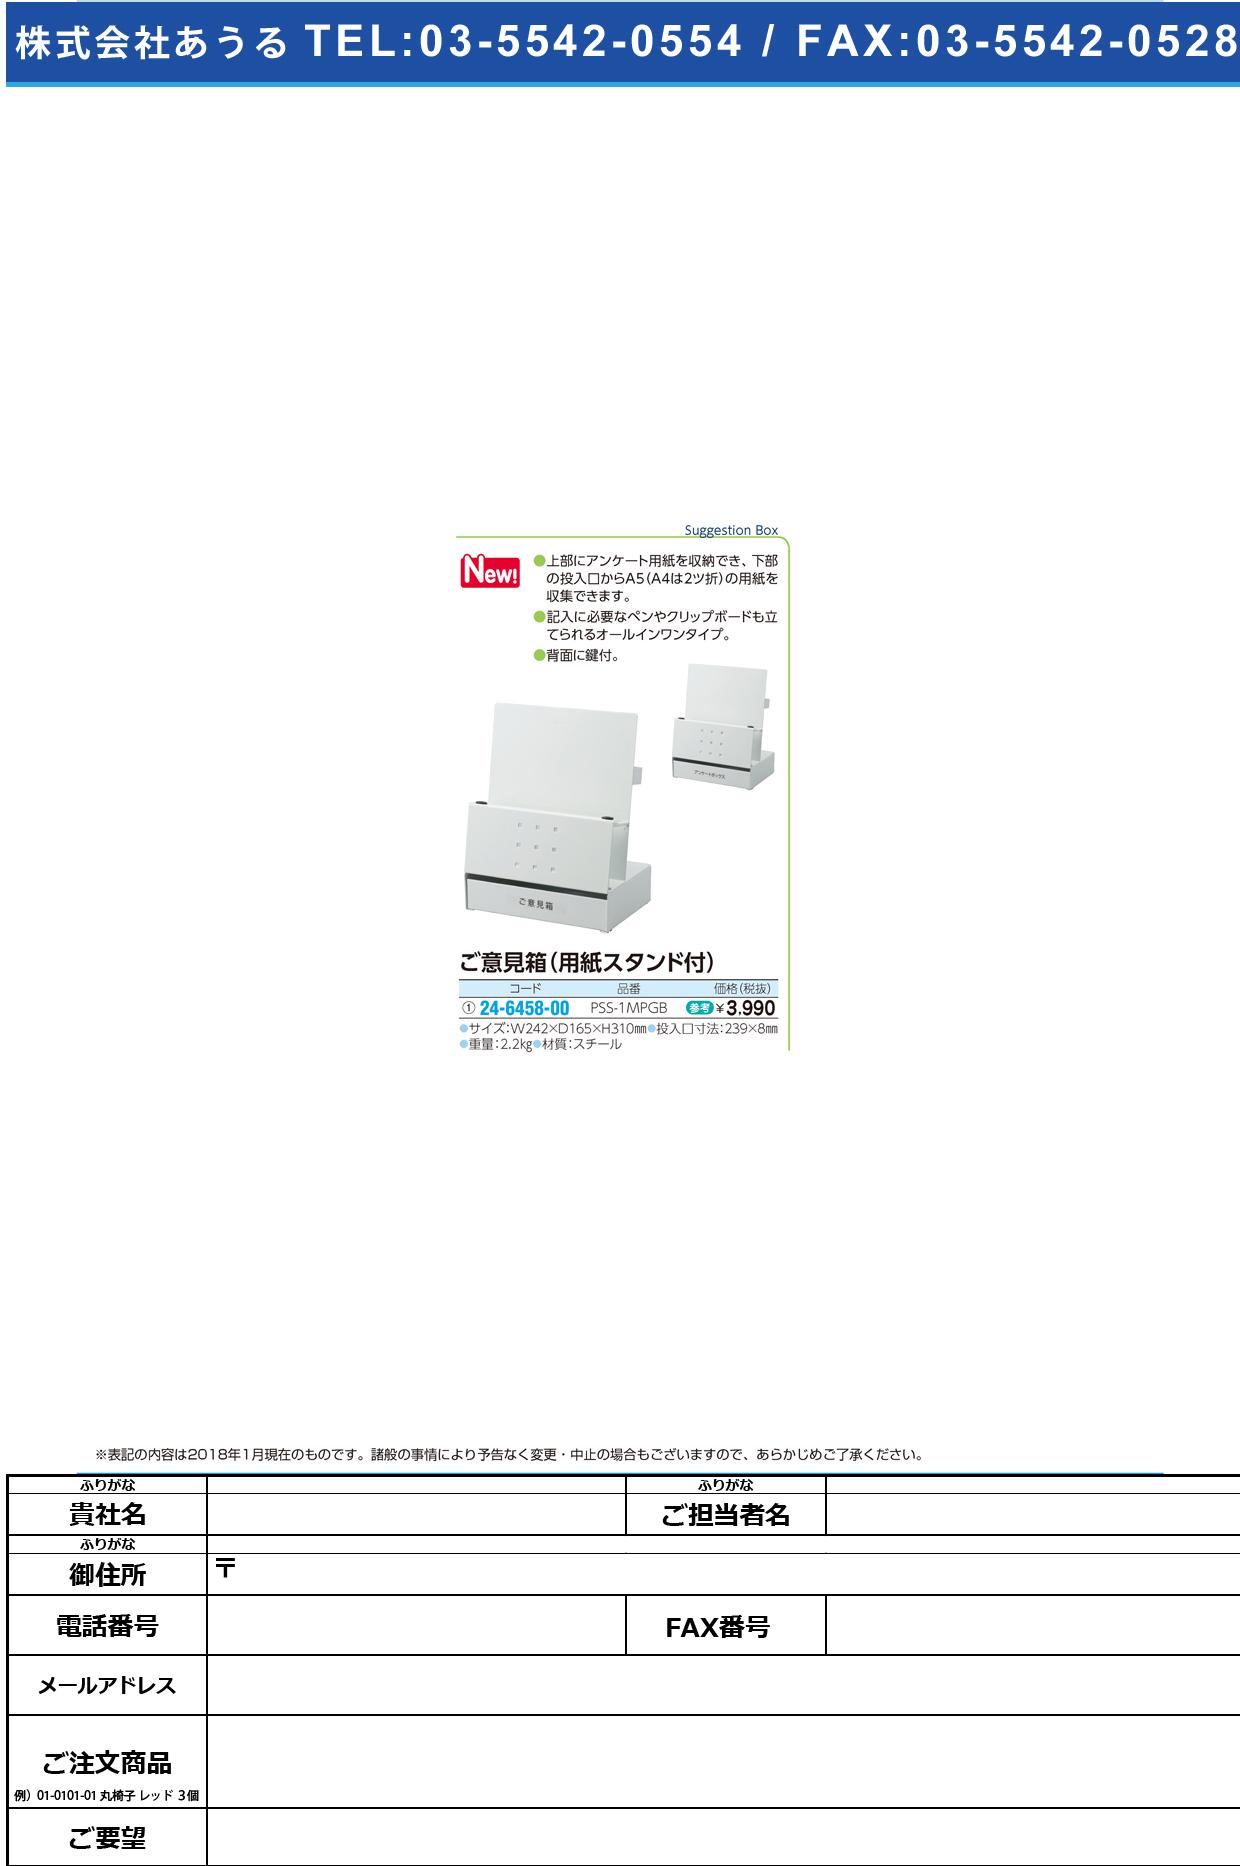 (24-6458-00)ご意見箱(用紙スタンド付) PPSS-1MPGB ゴイケンバコ(ヨウシスタンドツキ)【1個単位】【2018年カタログ商品】